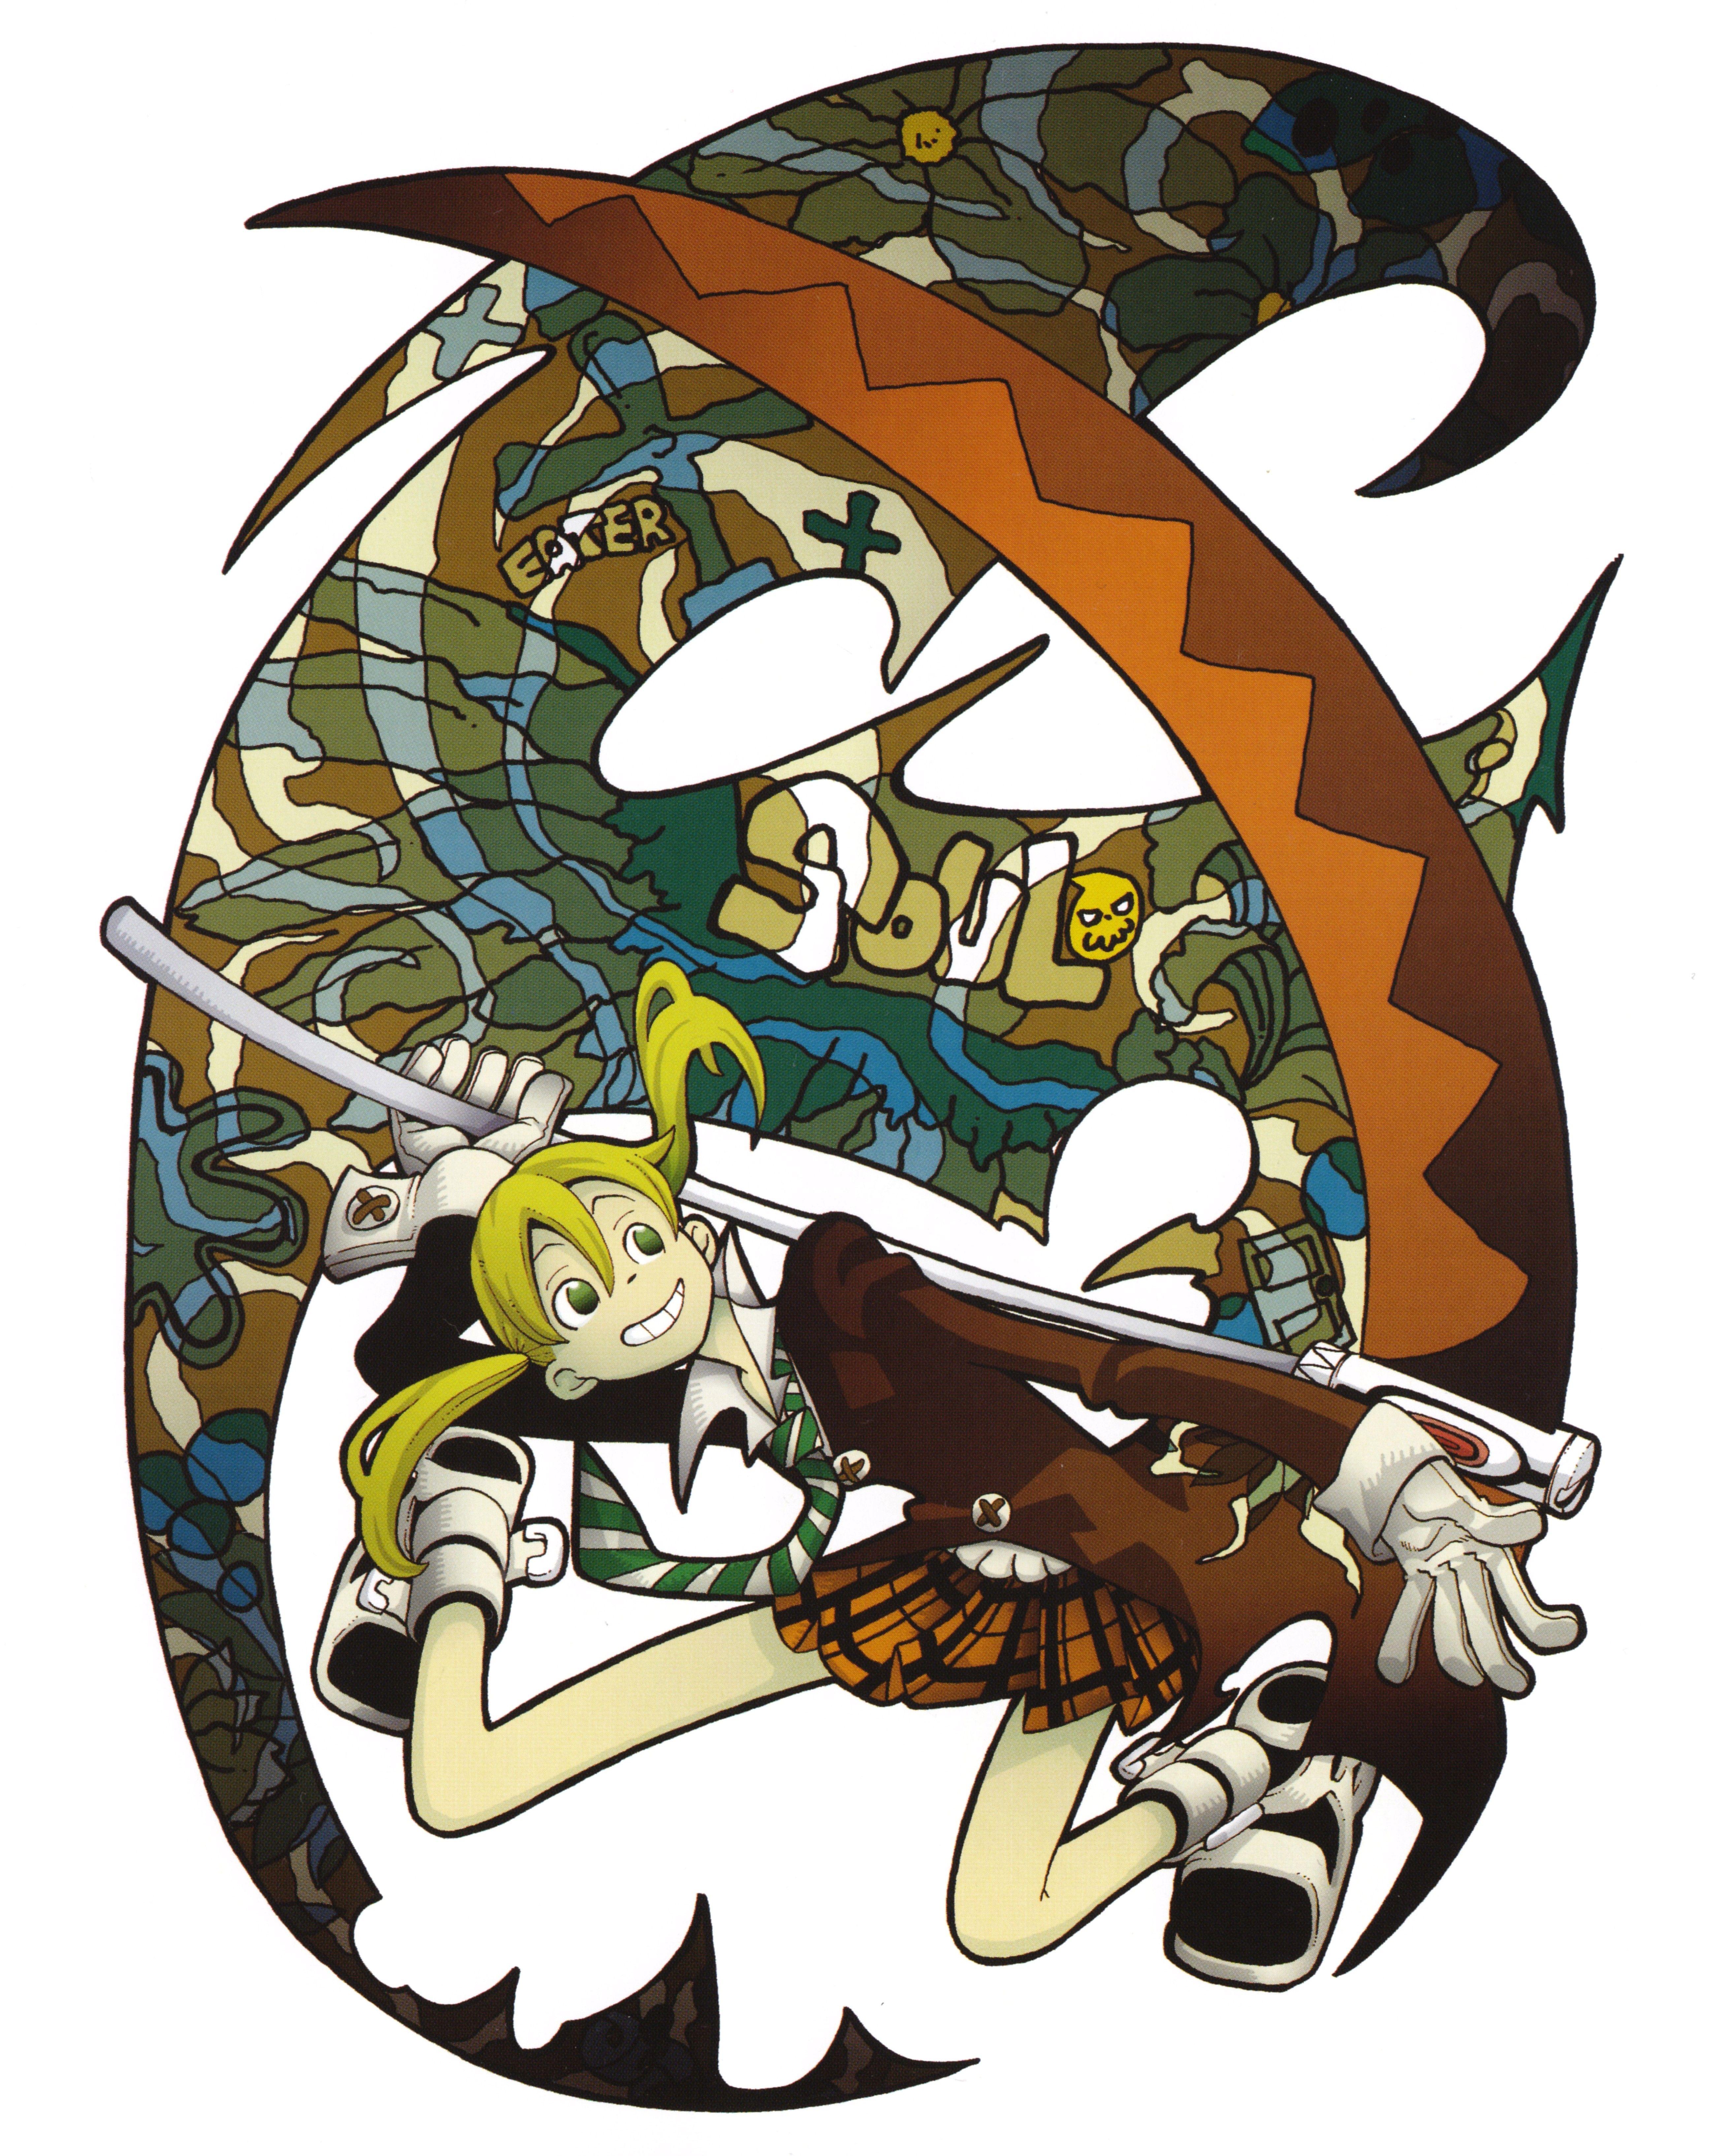 Download Soul Eater Soul art p.57 (5192x6536) Minitokyo